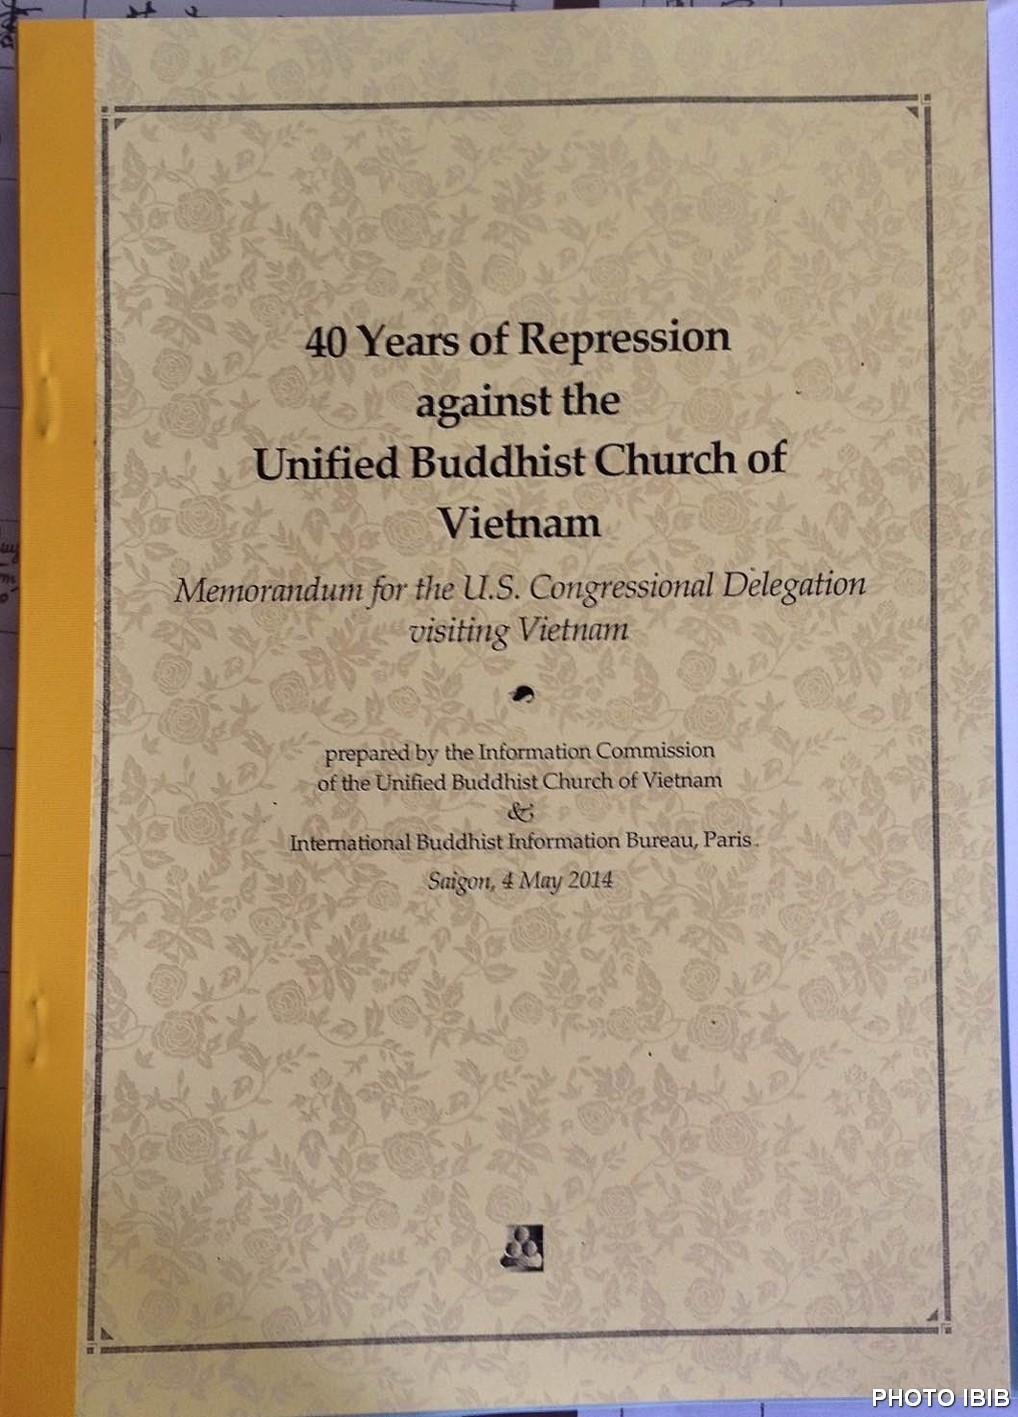 """Hồ sơ """"40 Năm Đàn áp Giáo hội Phật giáo Việt Nam Thống nhất"""" Đức Tăng Thống trao cho Phái đoàn Quốc hội Hoa Kỳ"""